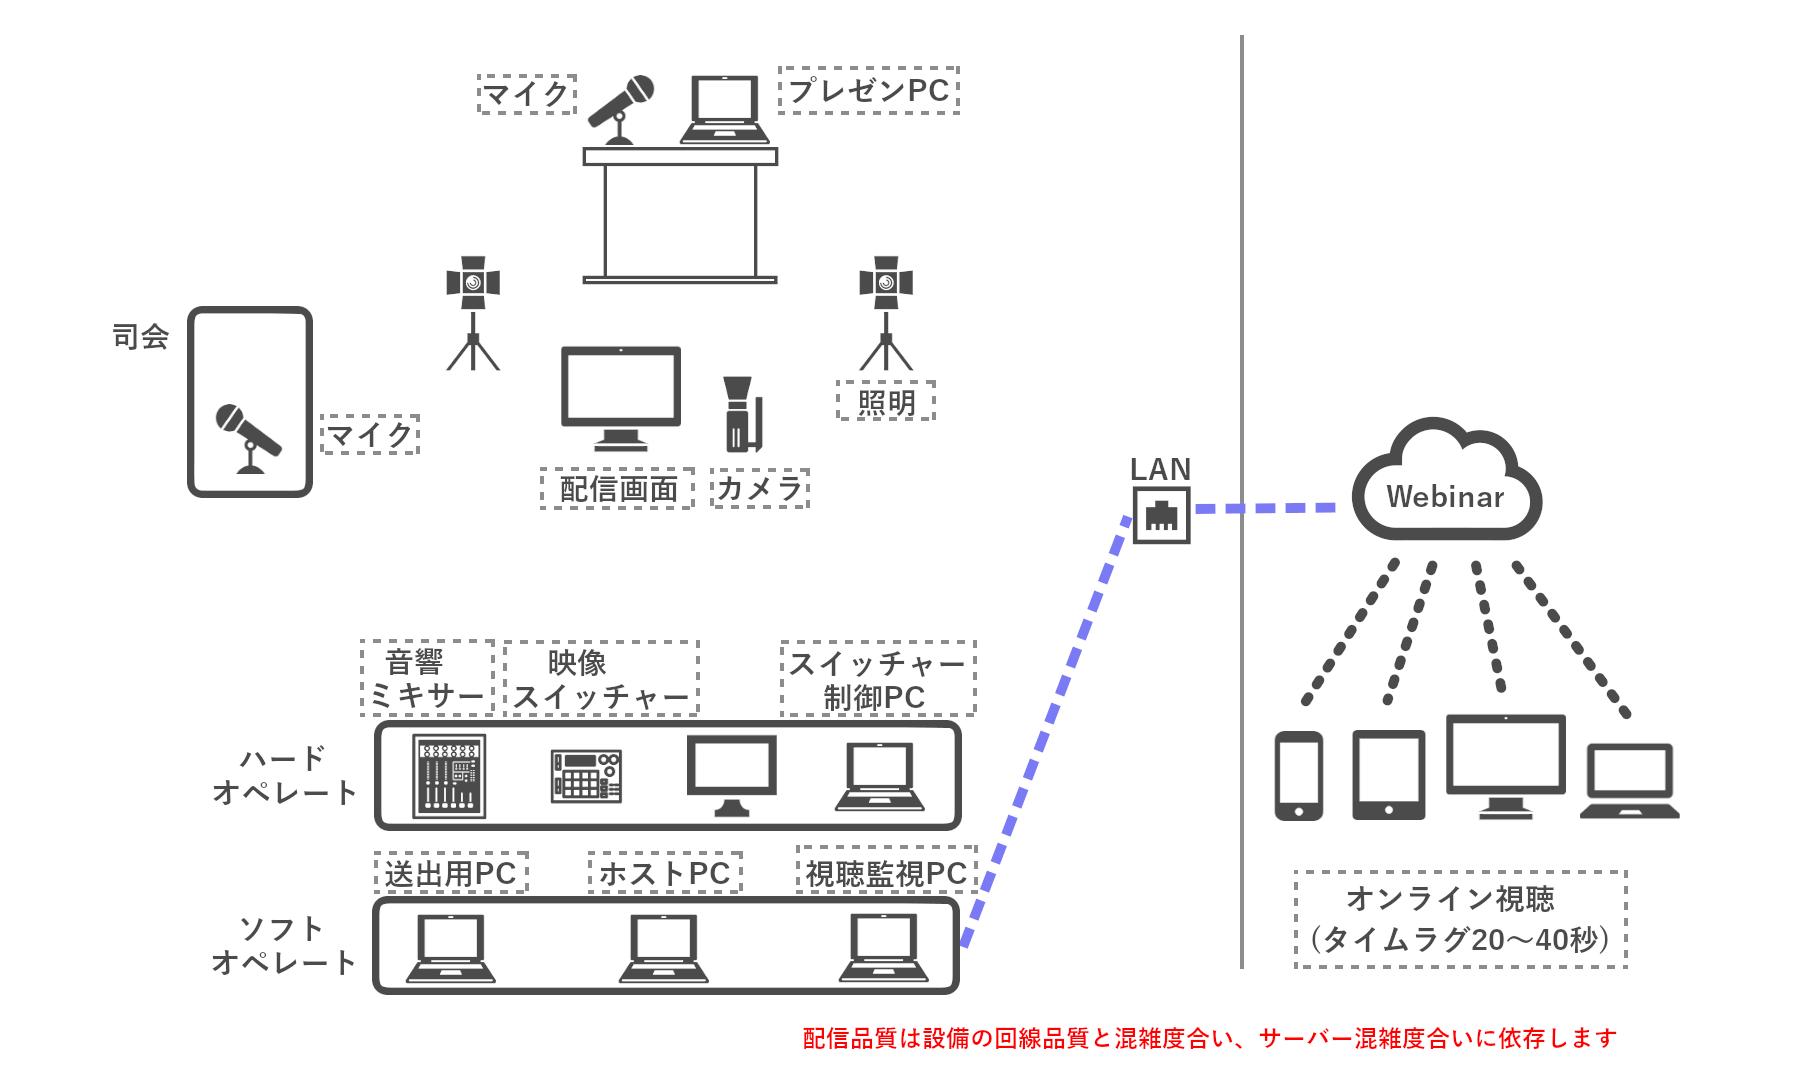 機器配置例図